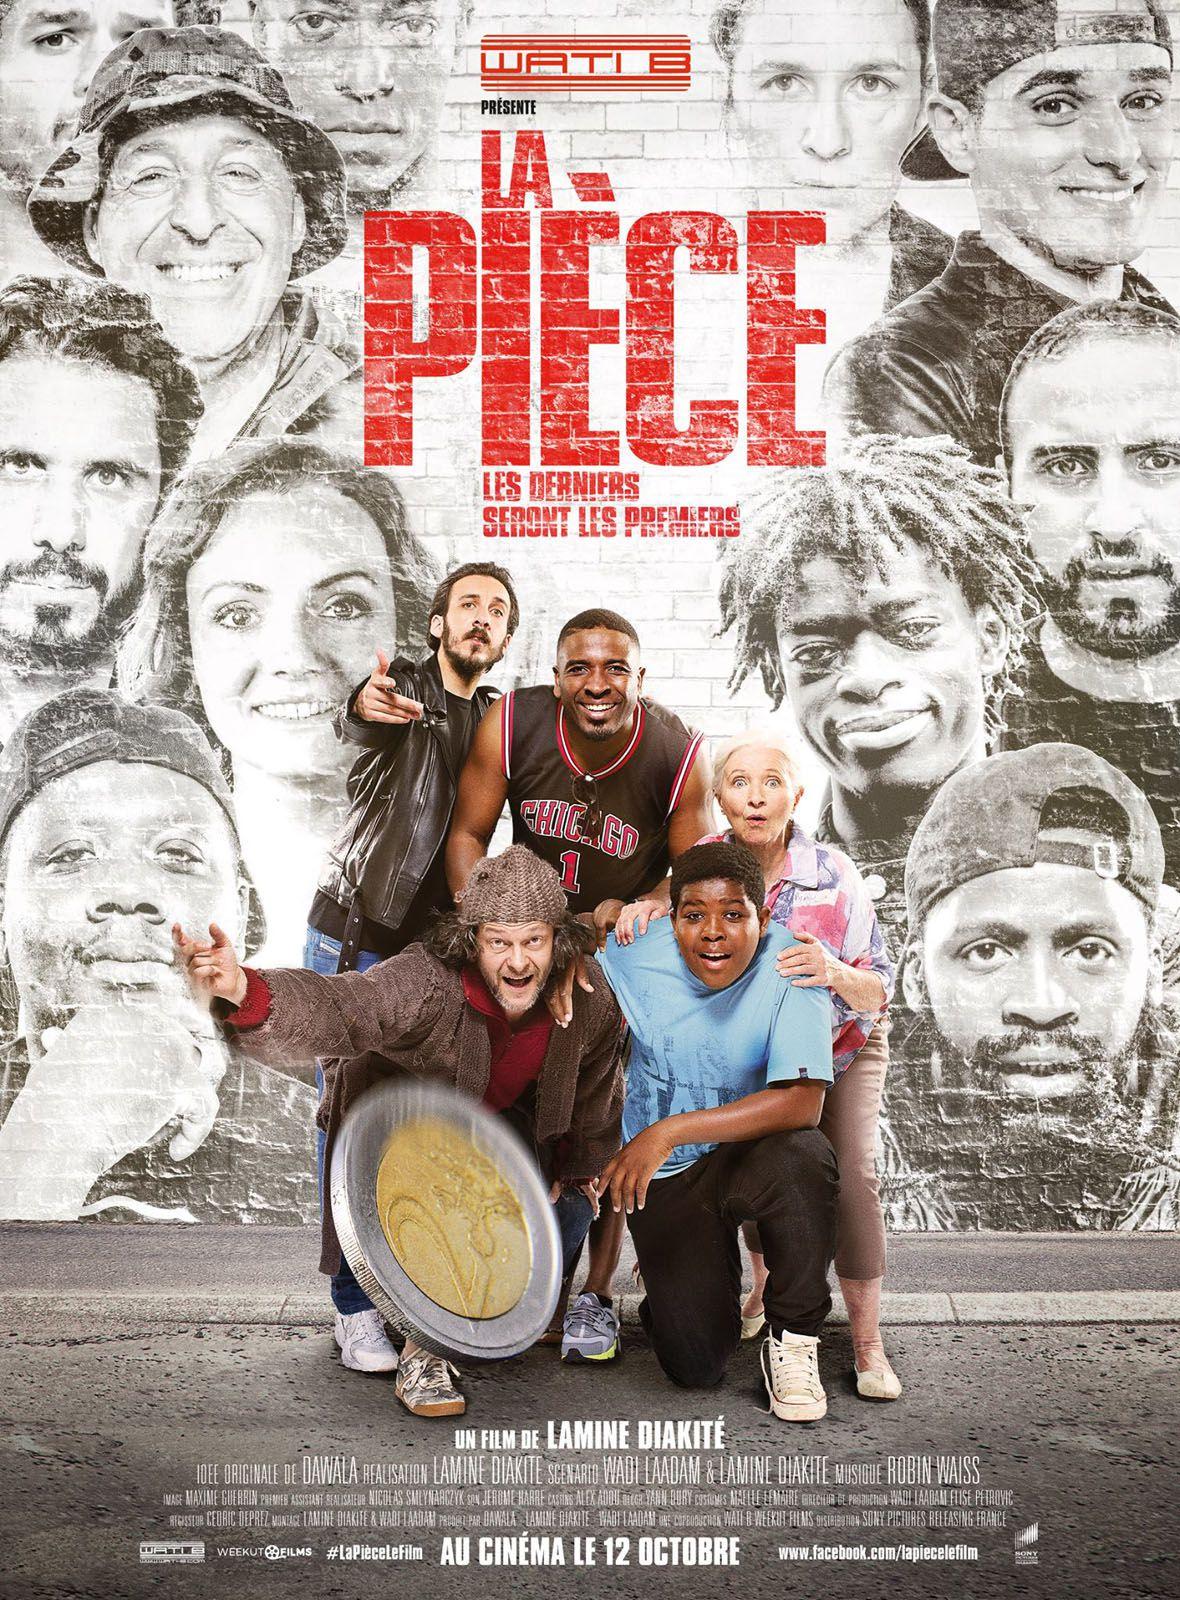 La pièce - Les derniers seront les premiers - Film (2016)